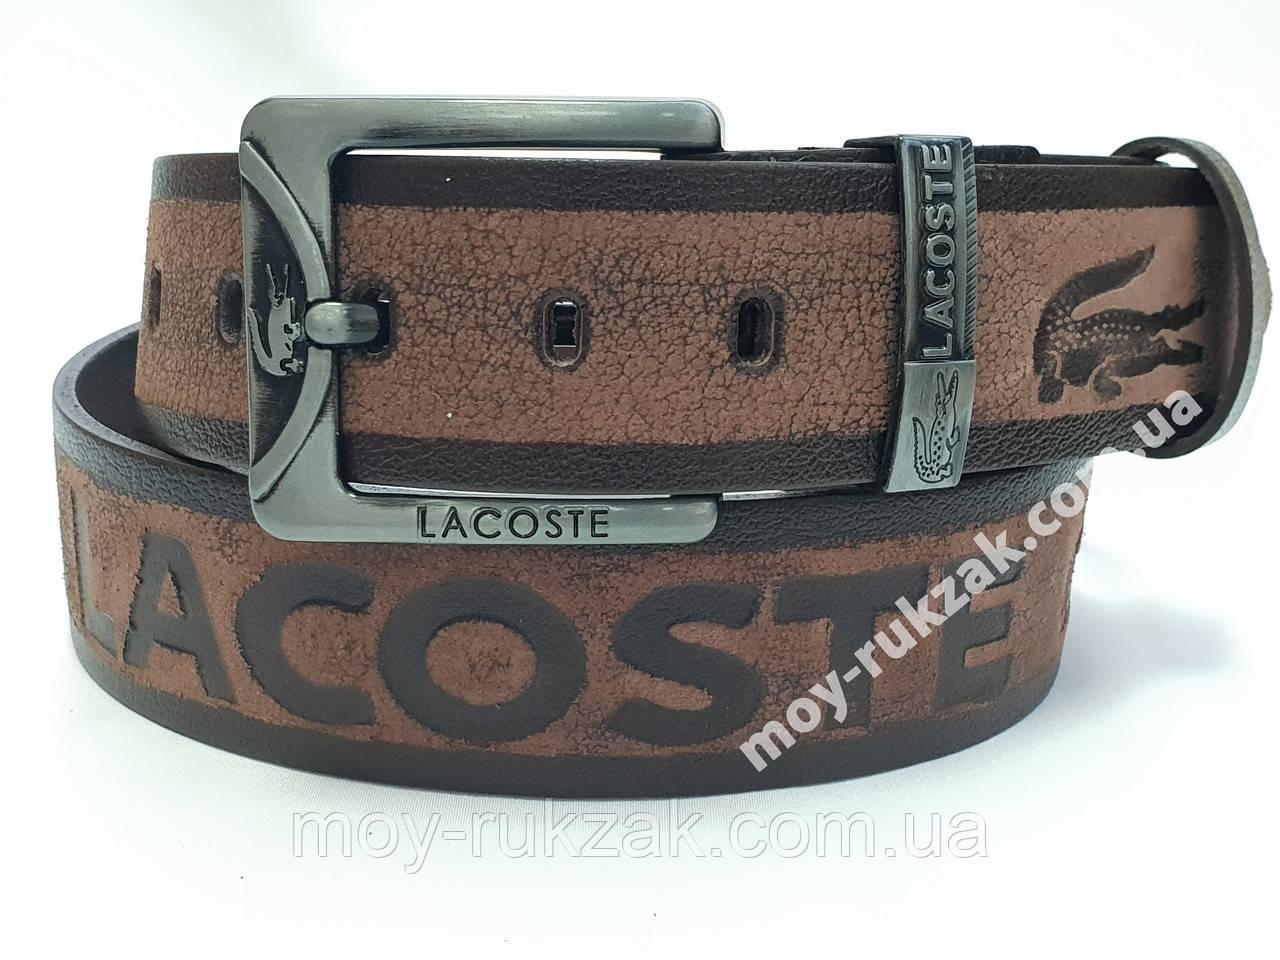 Ремень мужской кожаный Lacoste 45 мм., реплика арт.930682